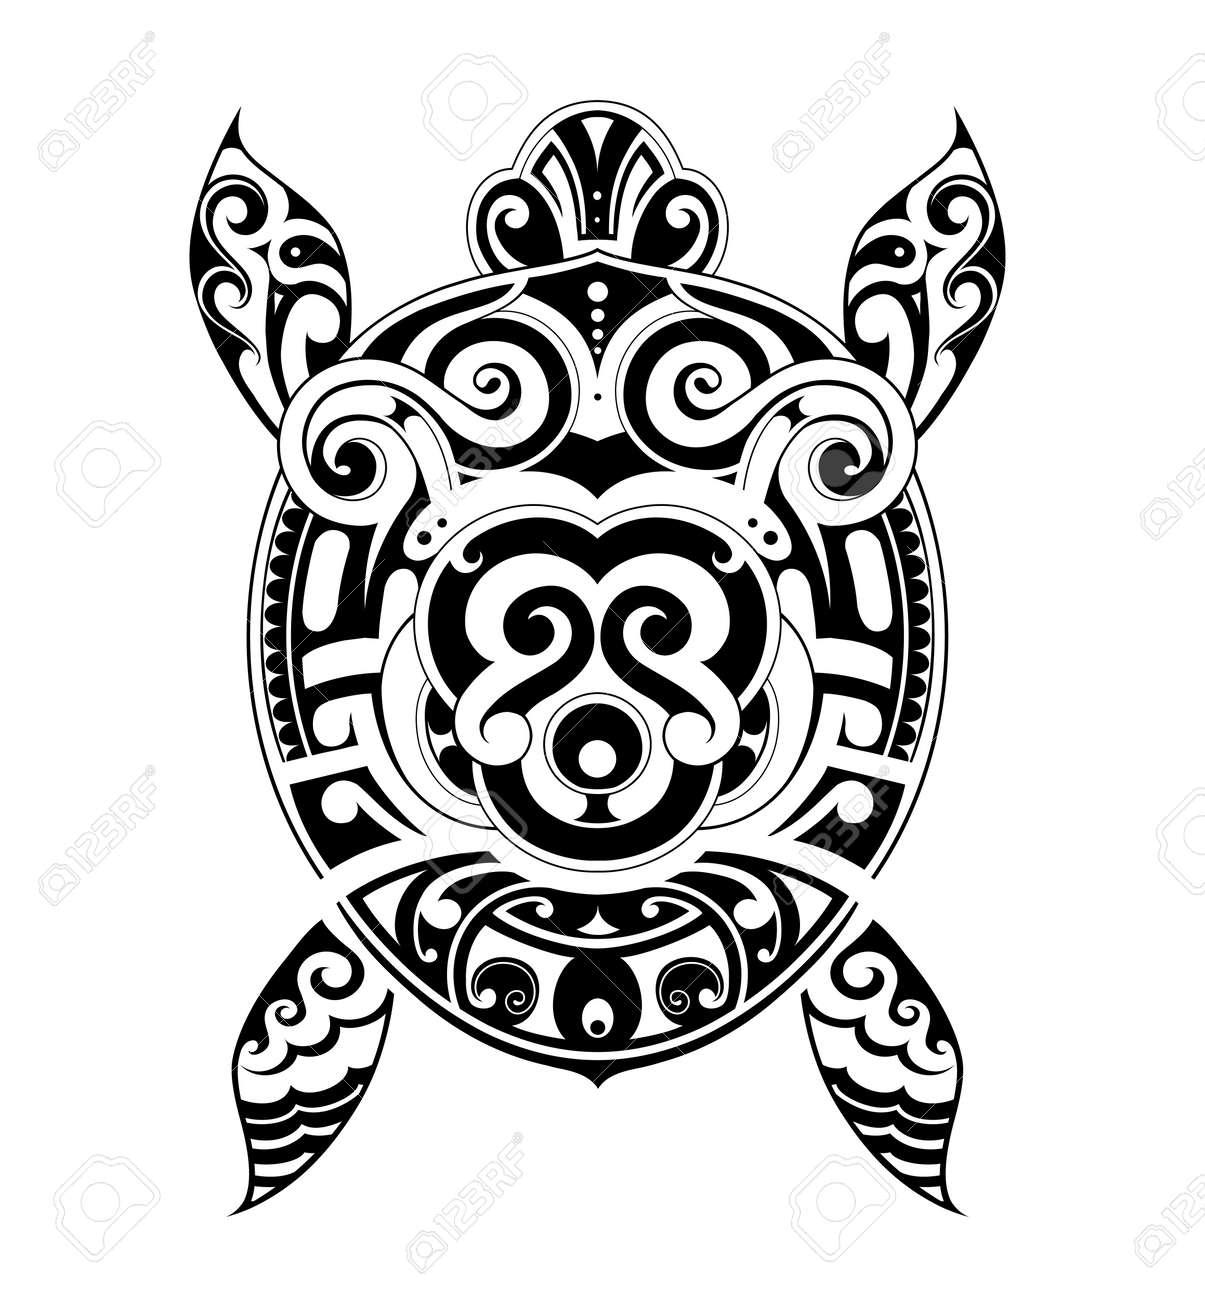 Simbolos Maories Significado Simbolos Maories Y Su Significado Koru